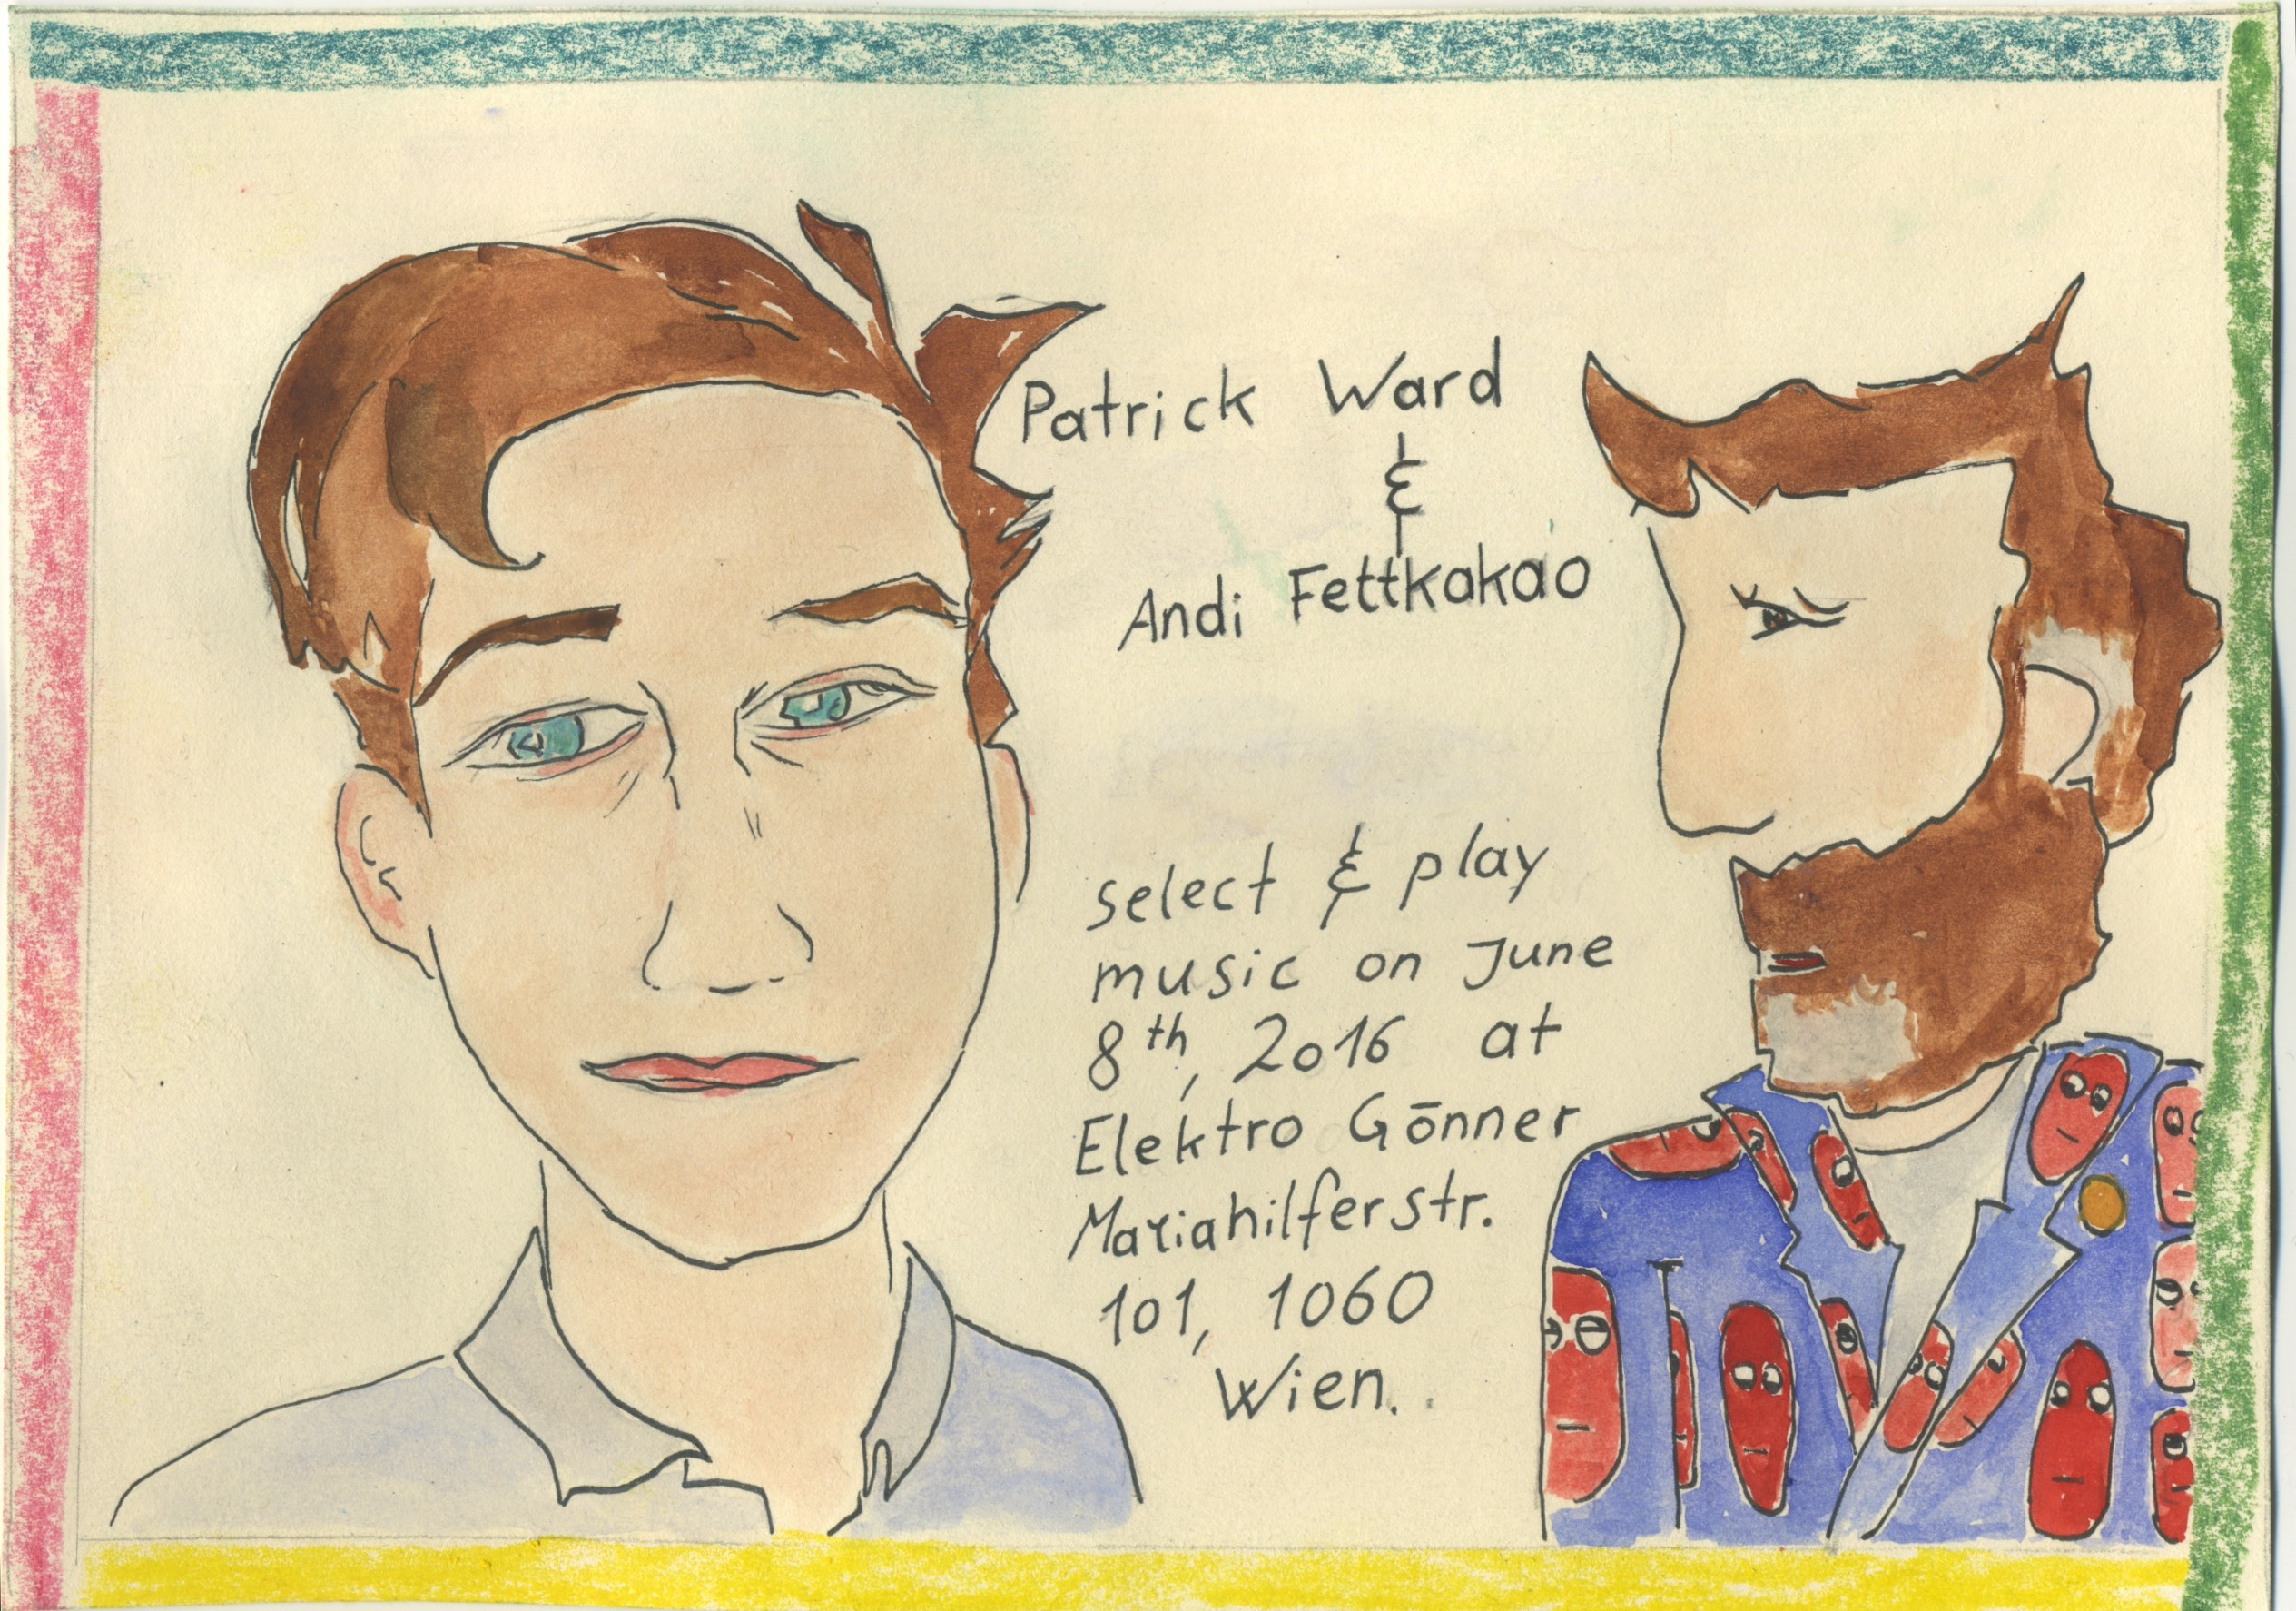 Patrick Ward & Andi Fettkakao